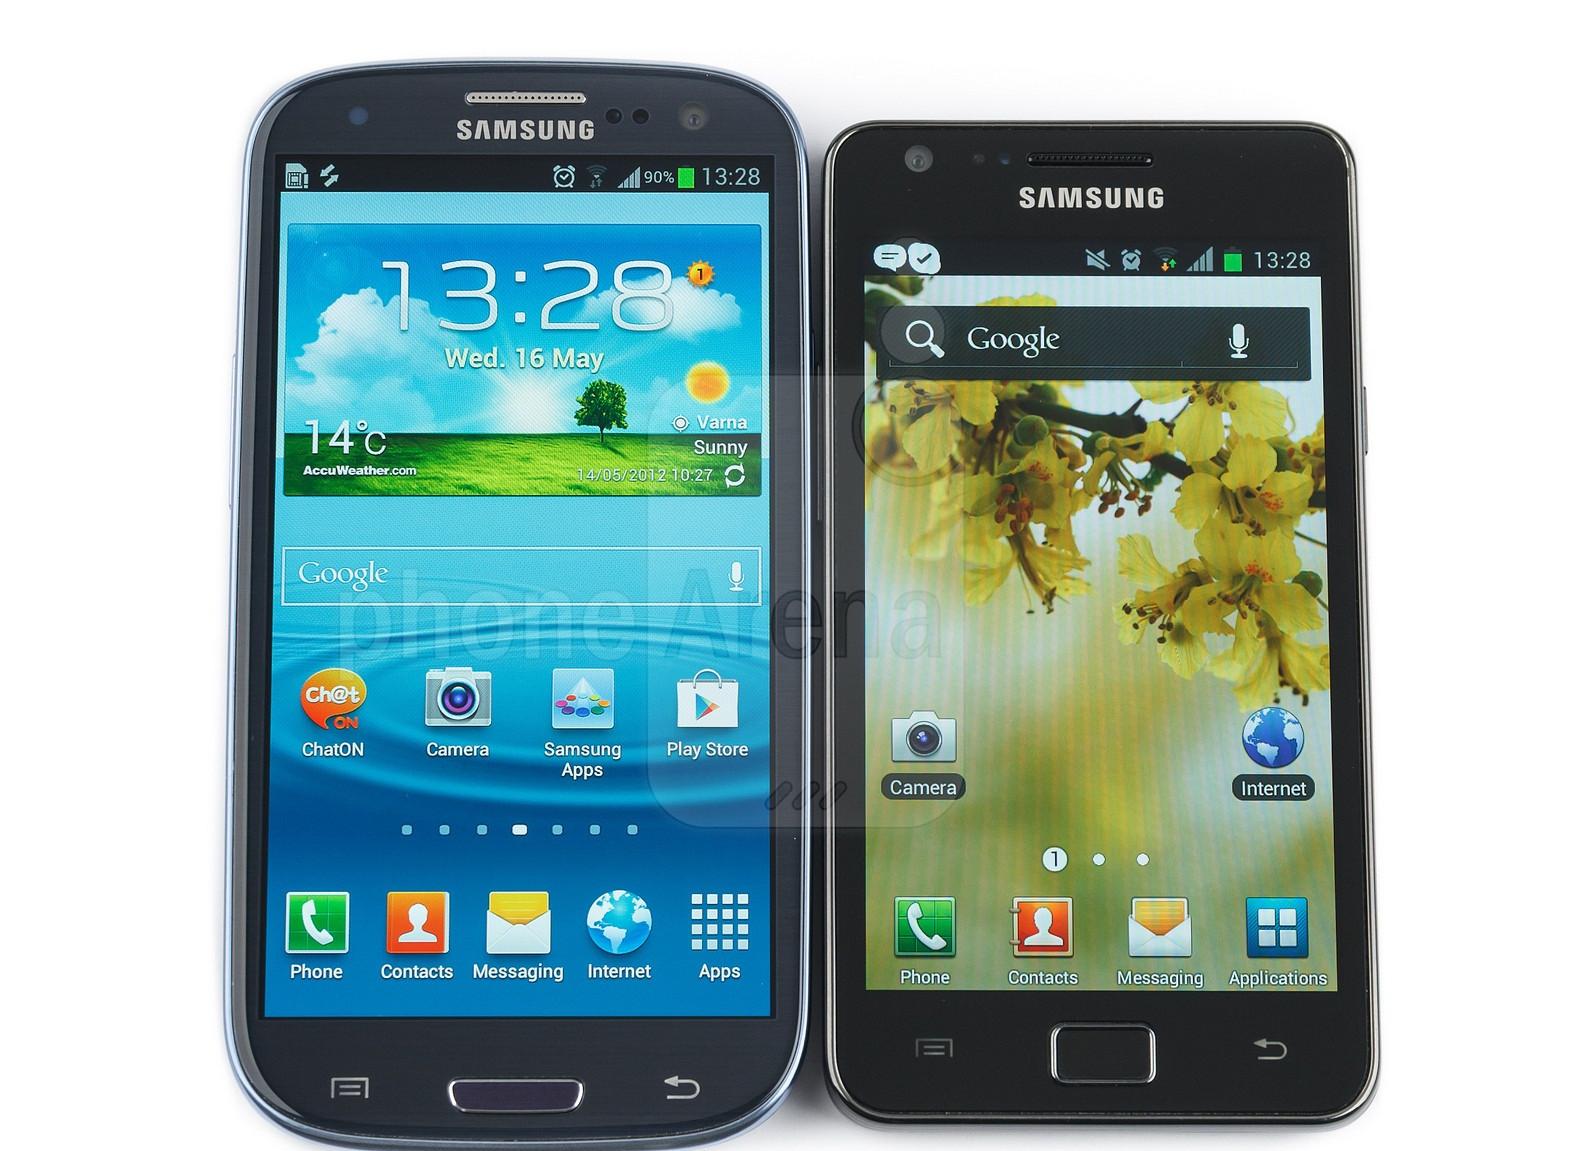 Samsung galaxy s 3 vs galaxy s 2 karşılaştırma benchmark